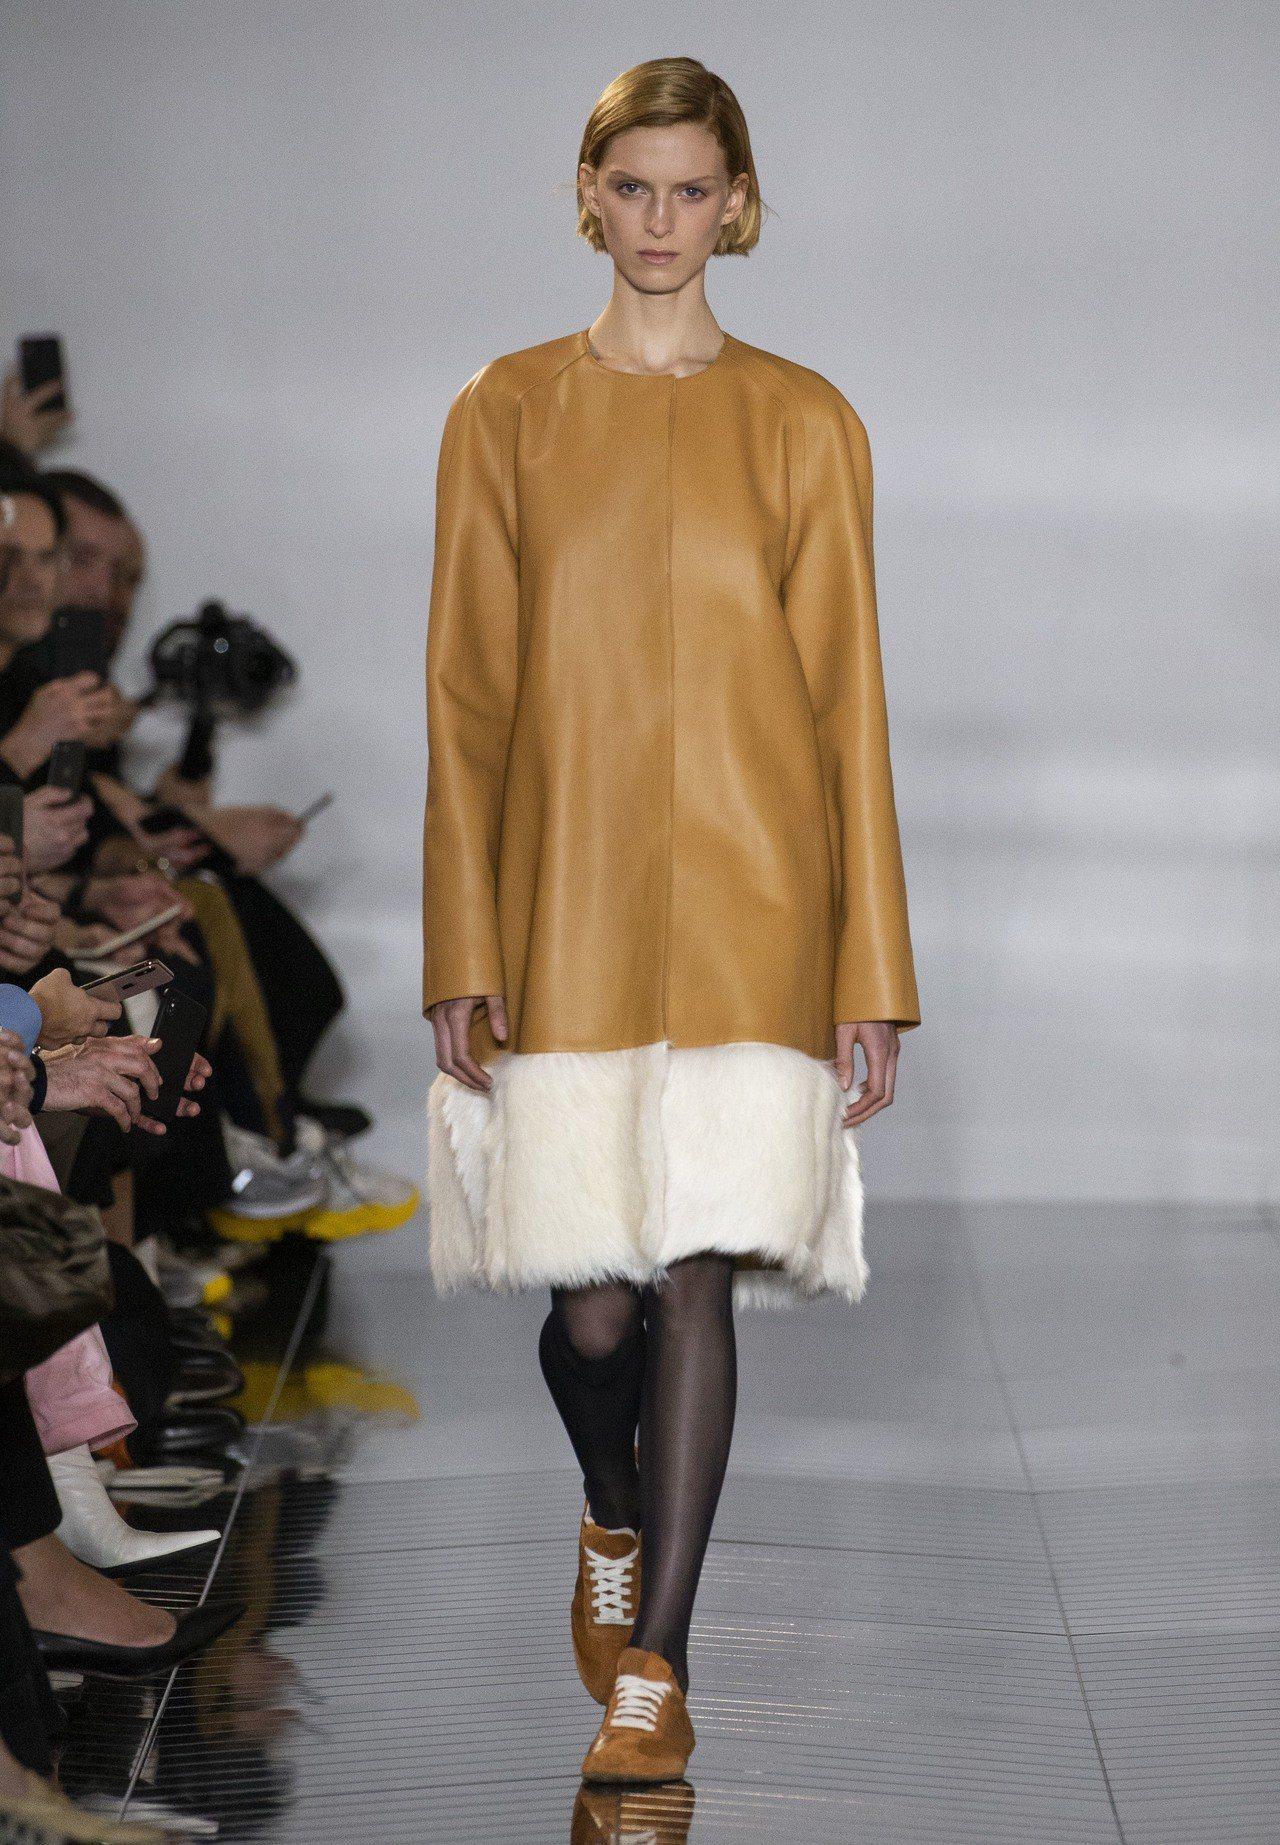 材質的混搭對比手法純熟,讓Loewe本季服飾實搭且舒適。圖/LOEWE提供